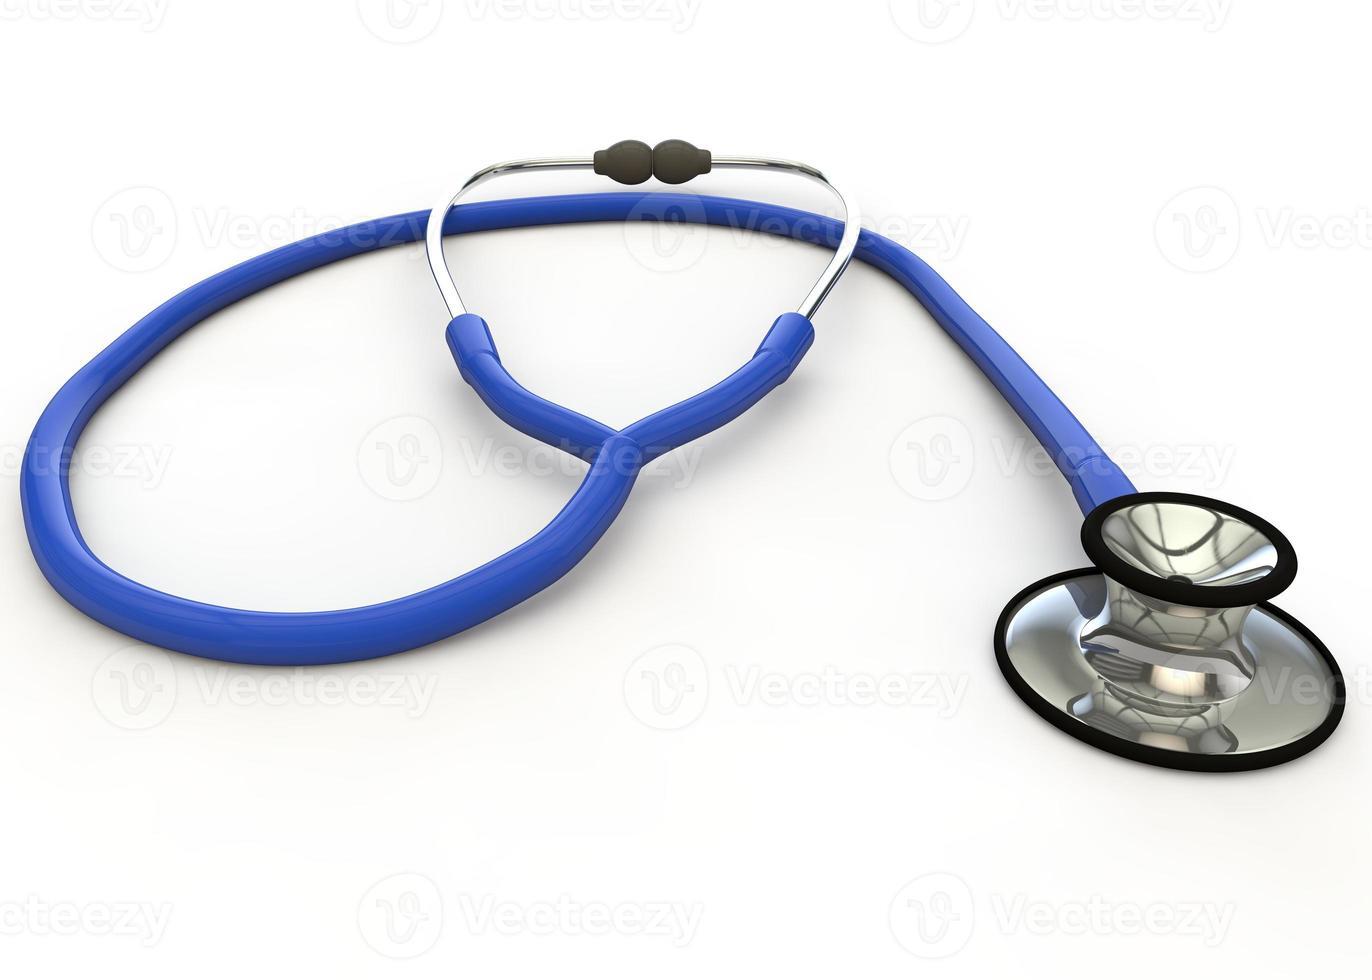 Blue medical phonendoscope on the white background photo